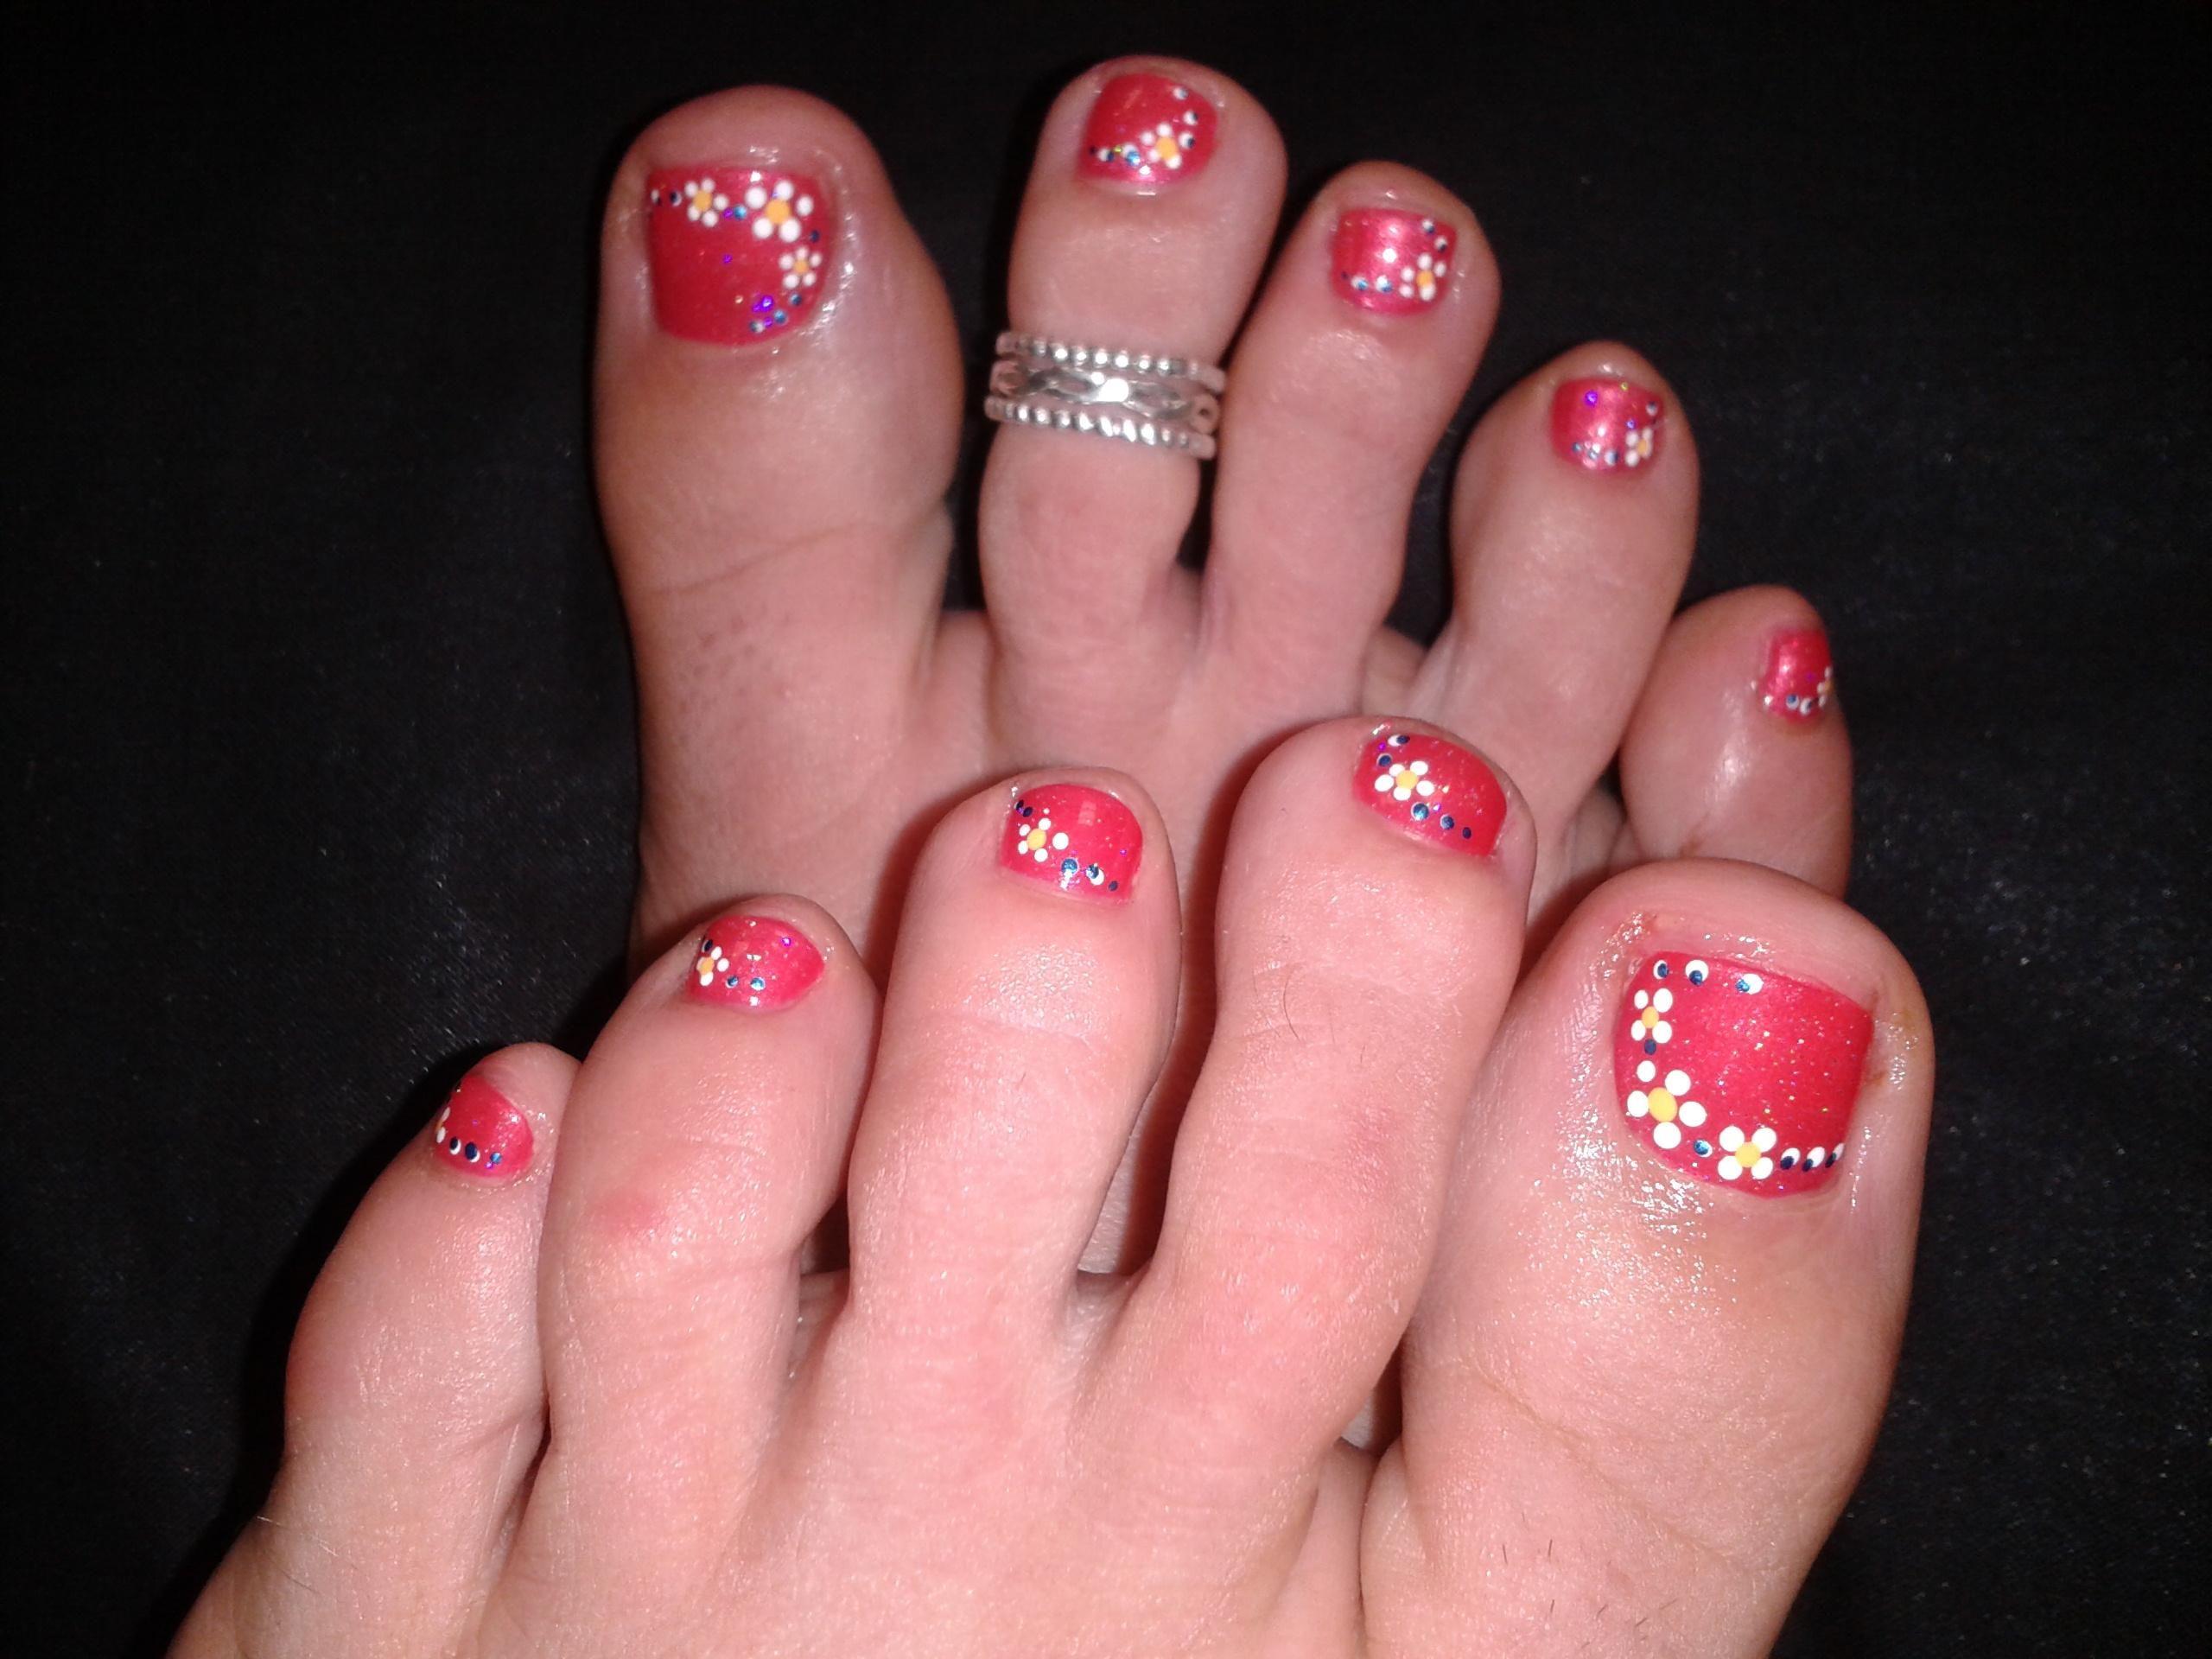 Pin By Heather Merwin On Nail Art Toe Nail Art Toe Nails Nail Art